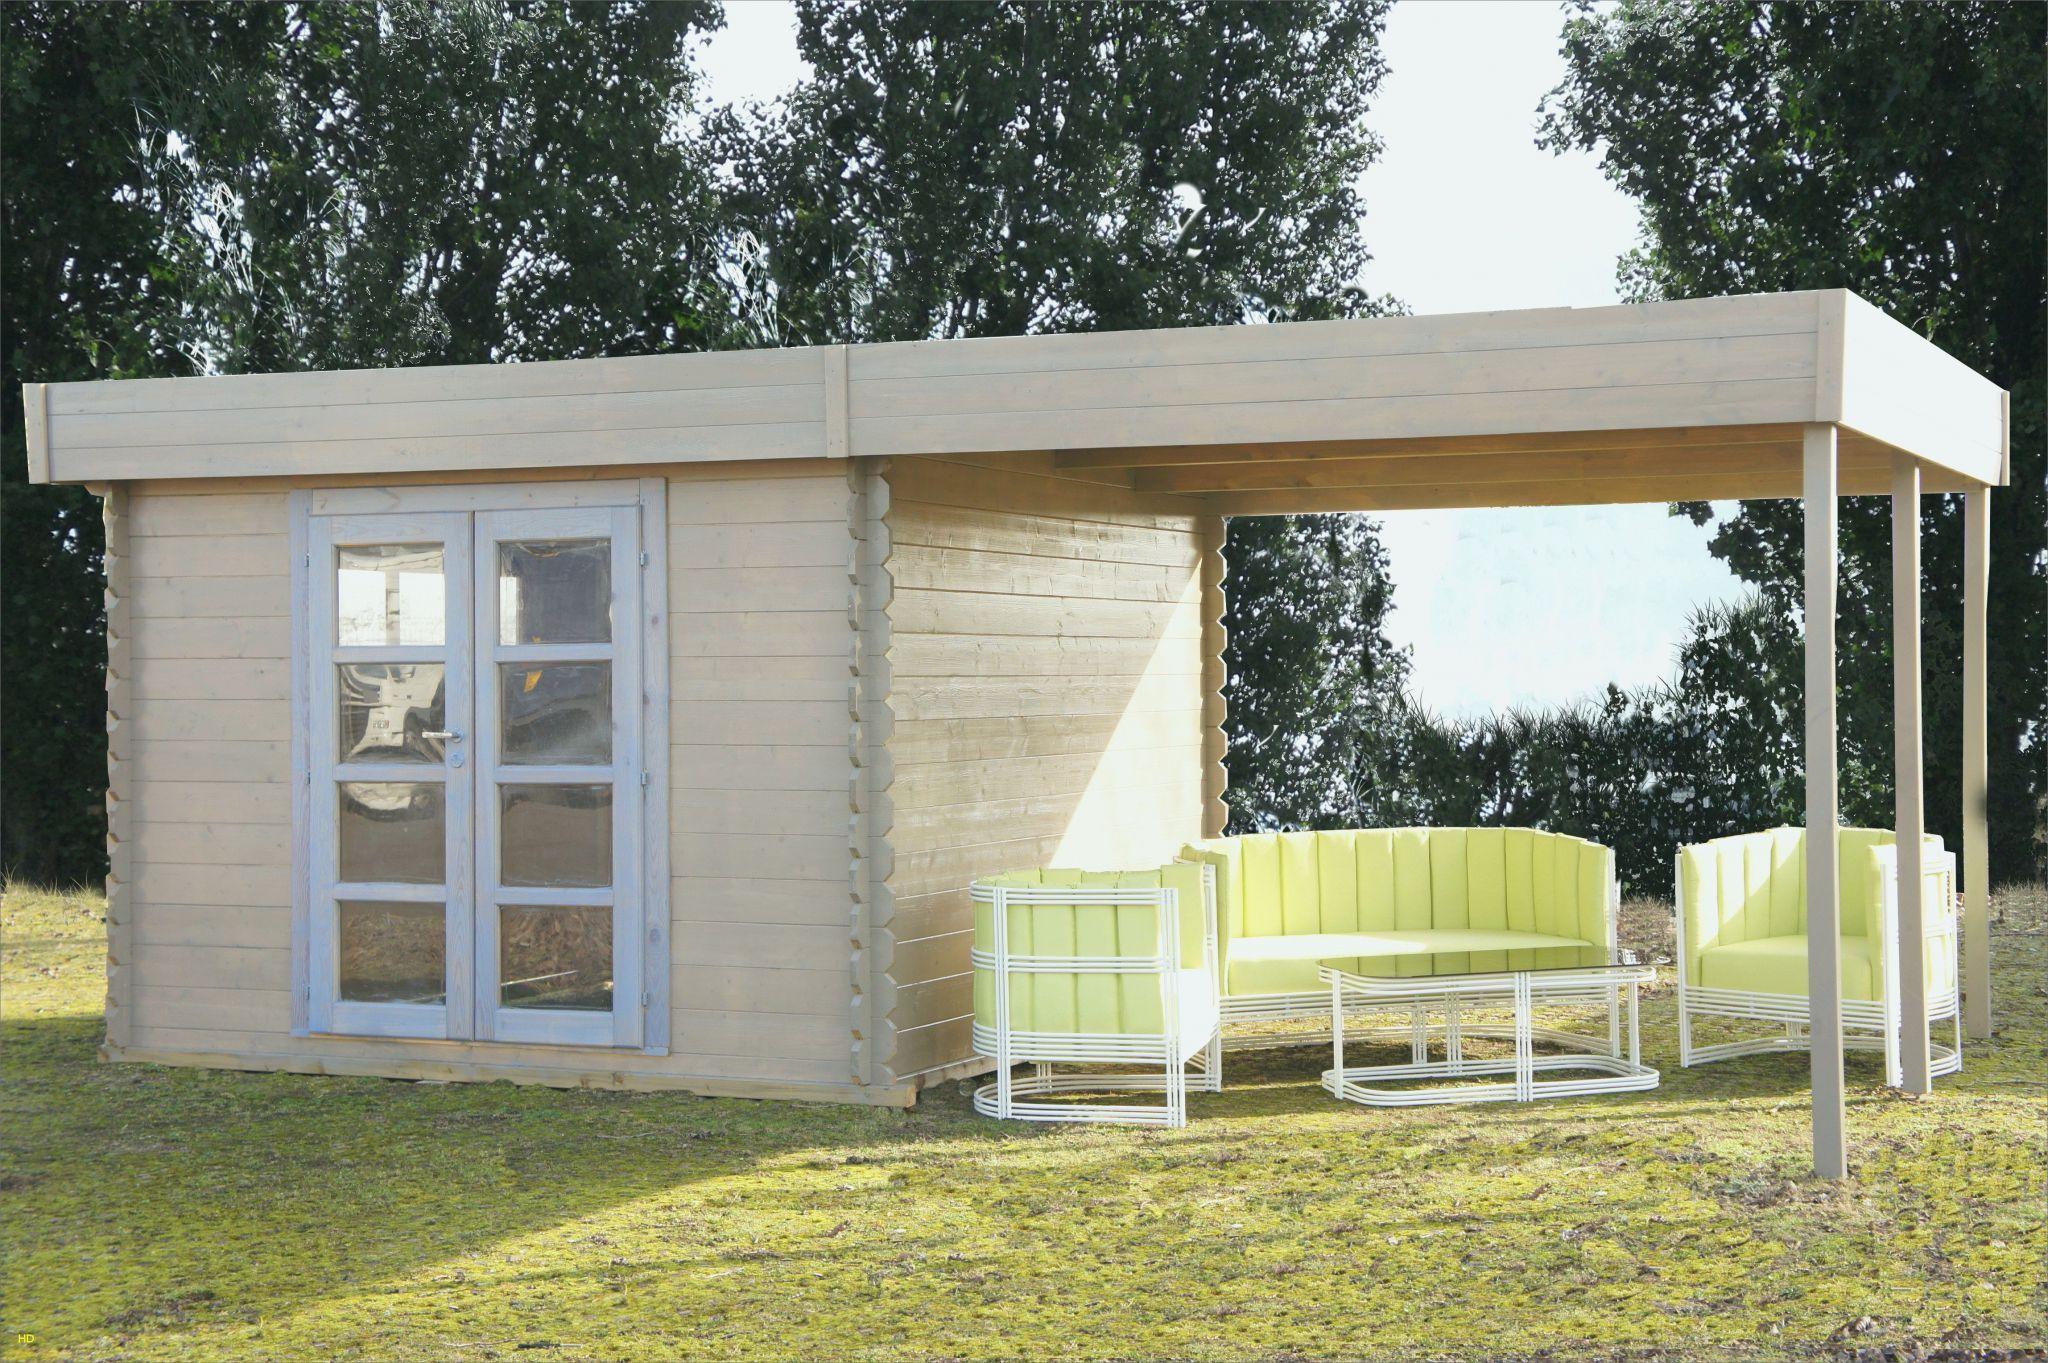 Abris De Jardin Rectangulaire En Bois In 2020 | Indoor ... à Abri De Jardin Brico Depot